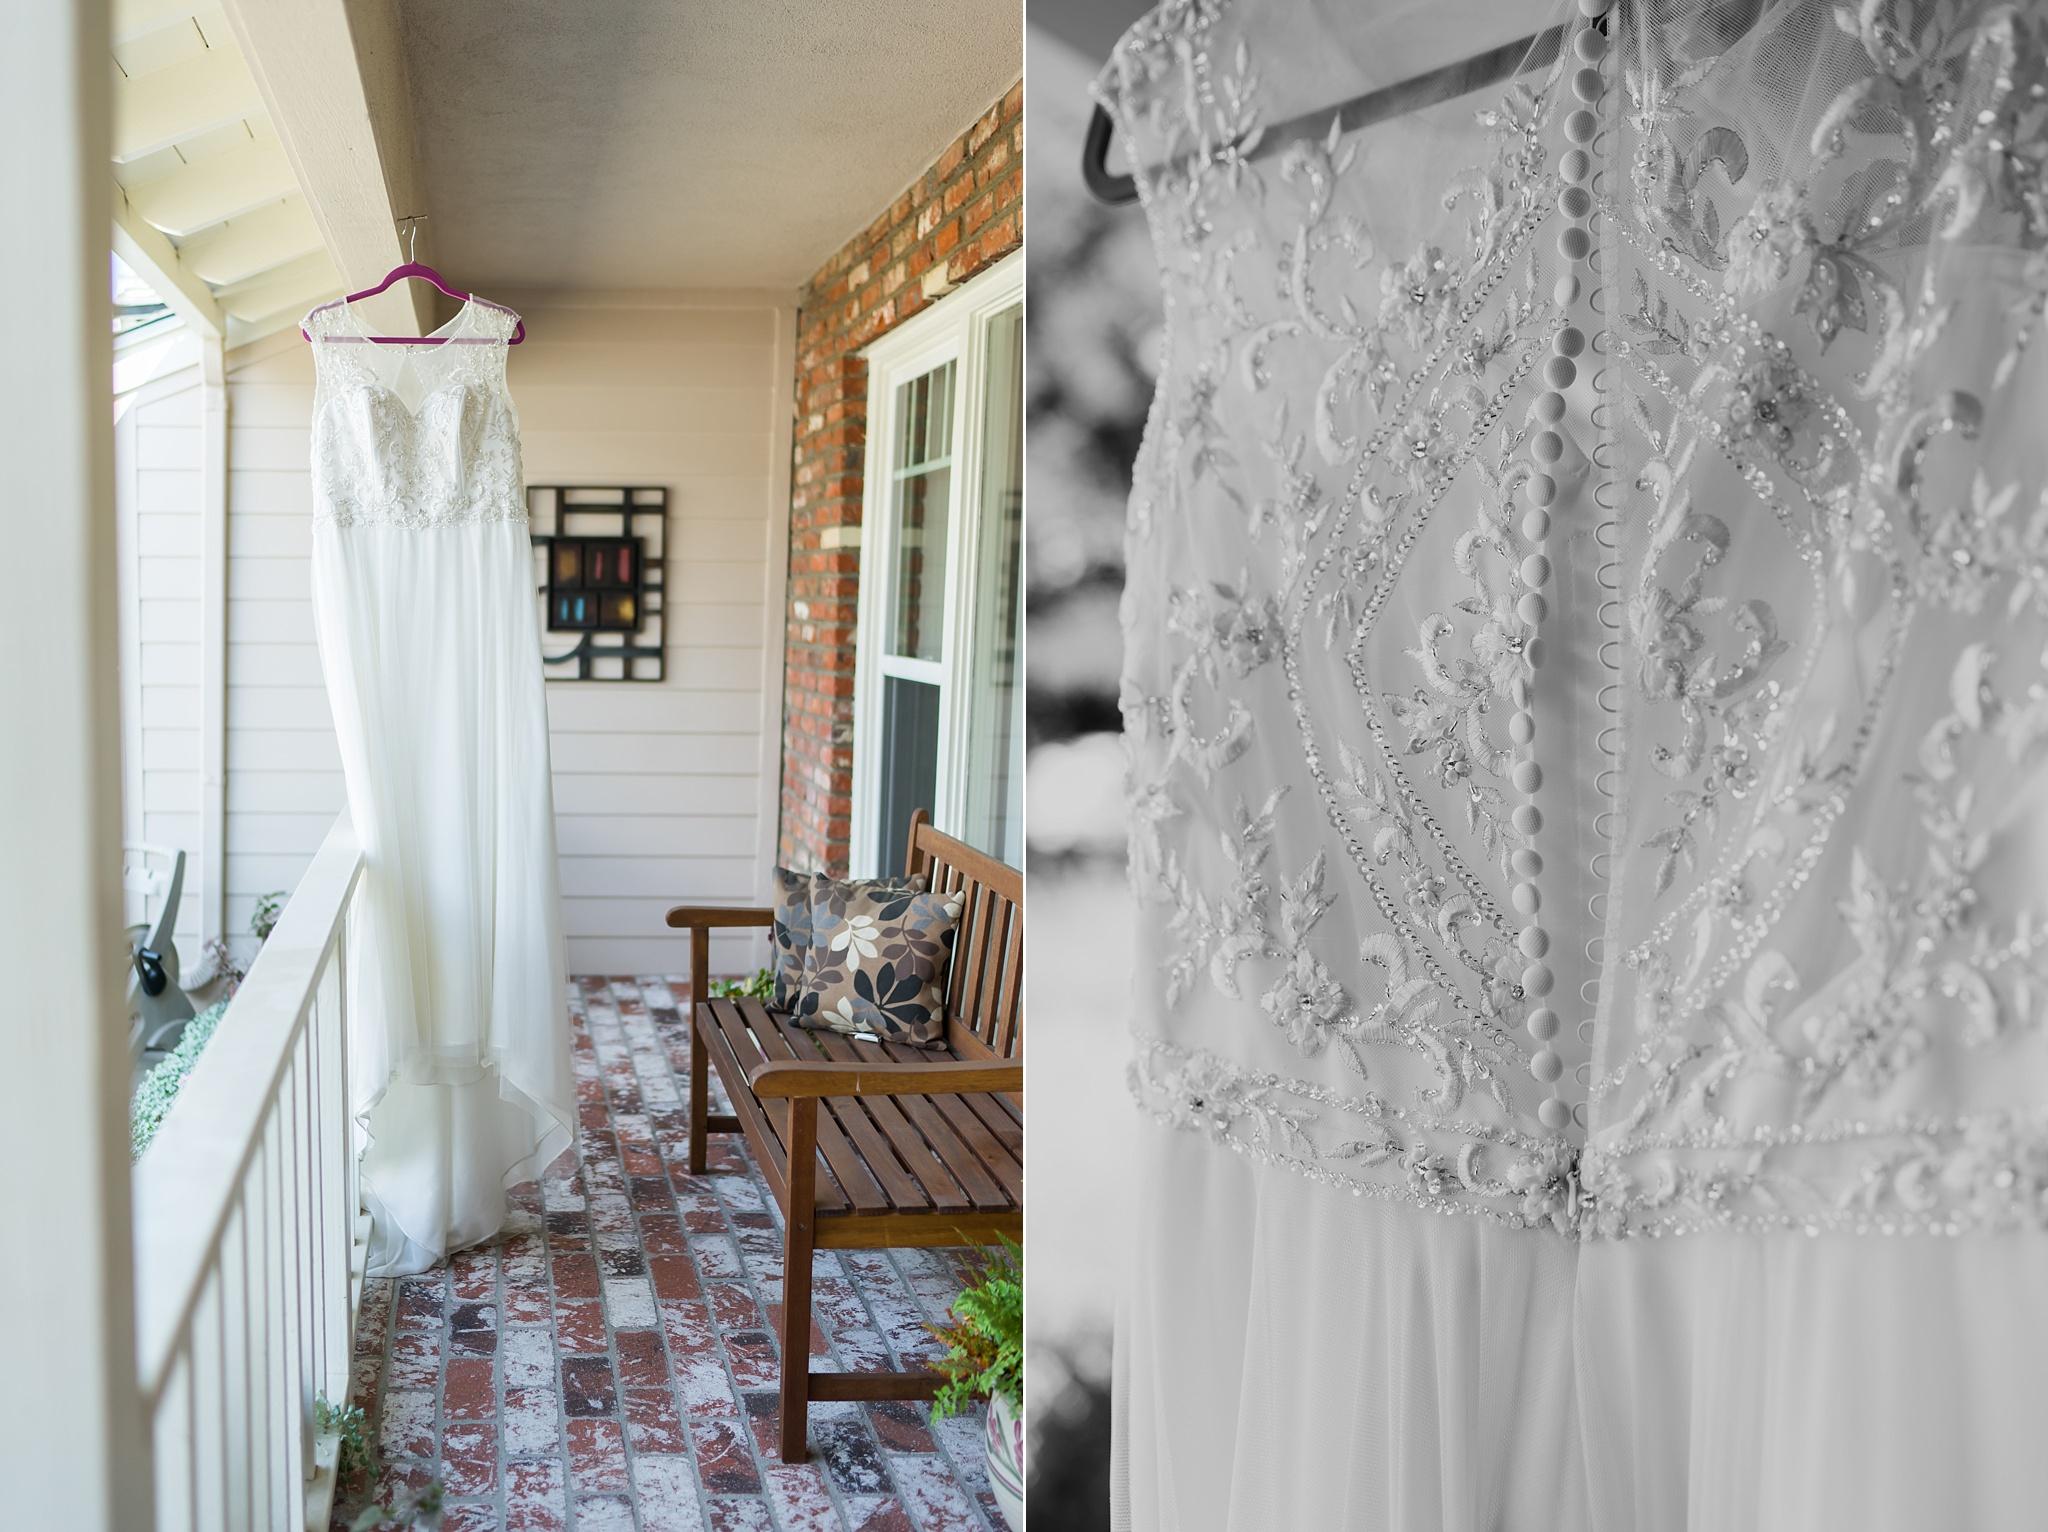 TommyandAmanda_WEDDING_BrienneMichelle_Details_01_BLOG.jpg